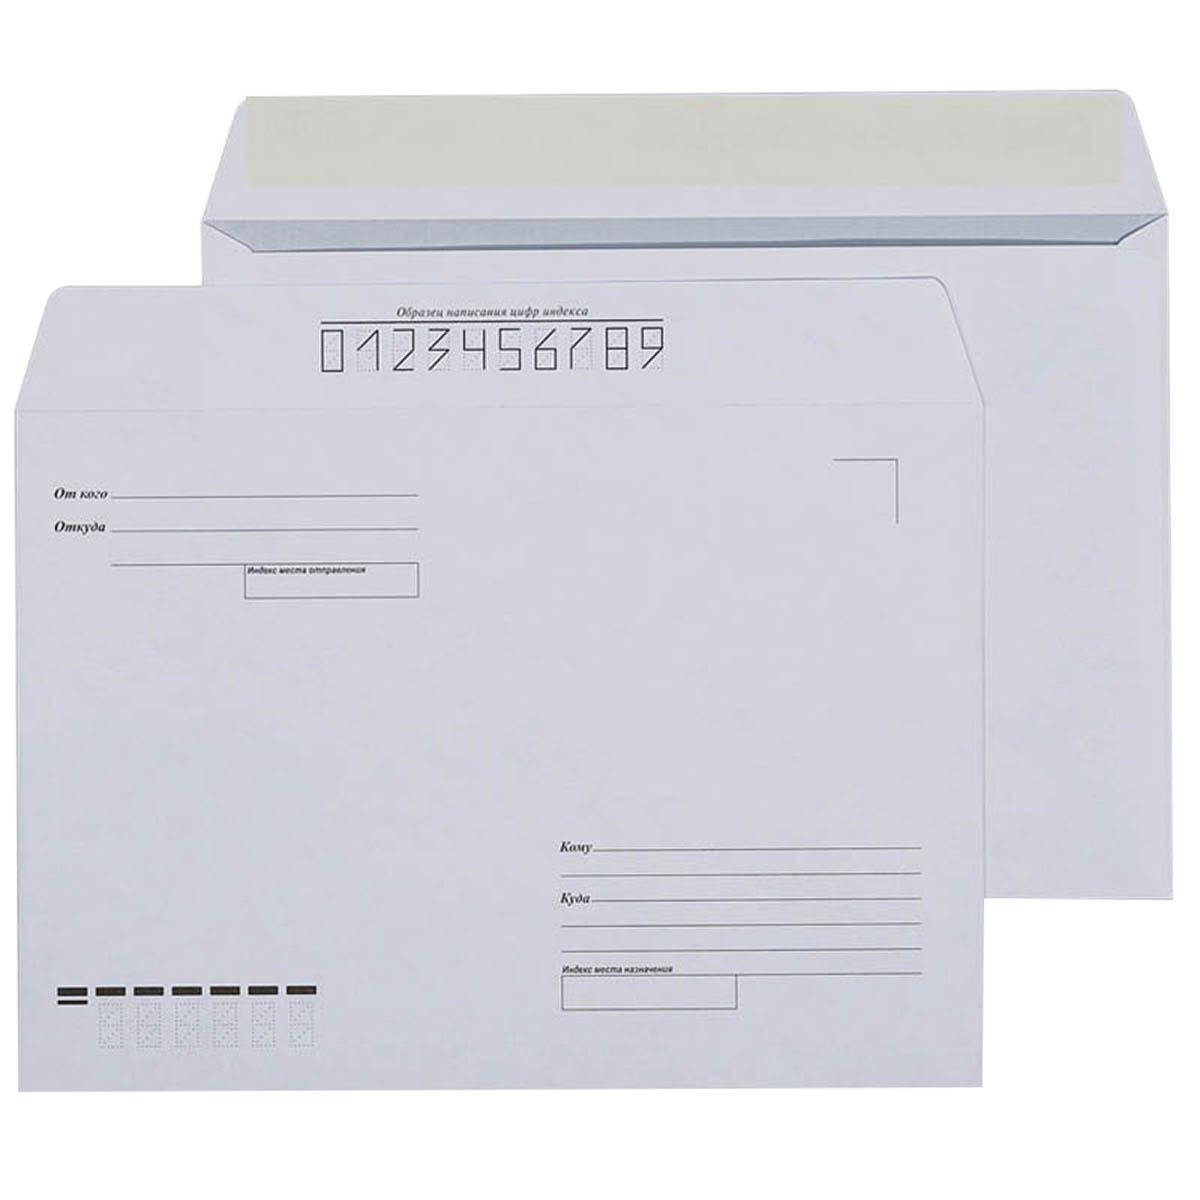 Конверт C5 с подсказом 200 шт70402.200